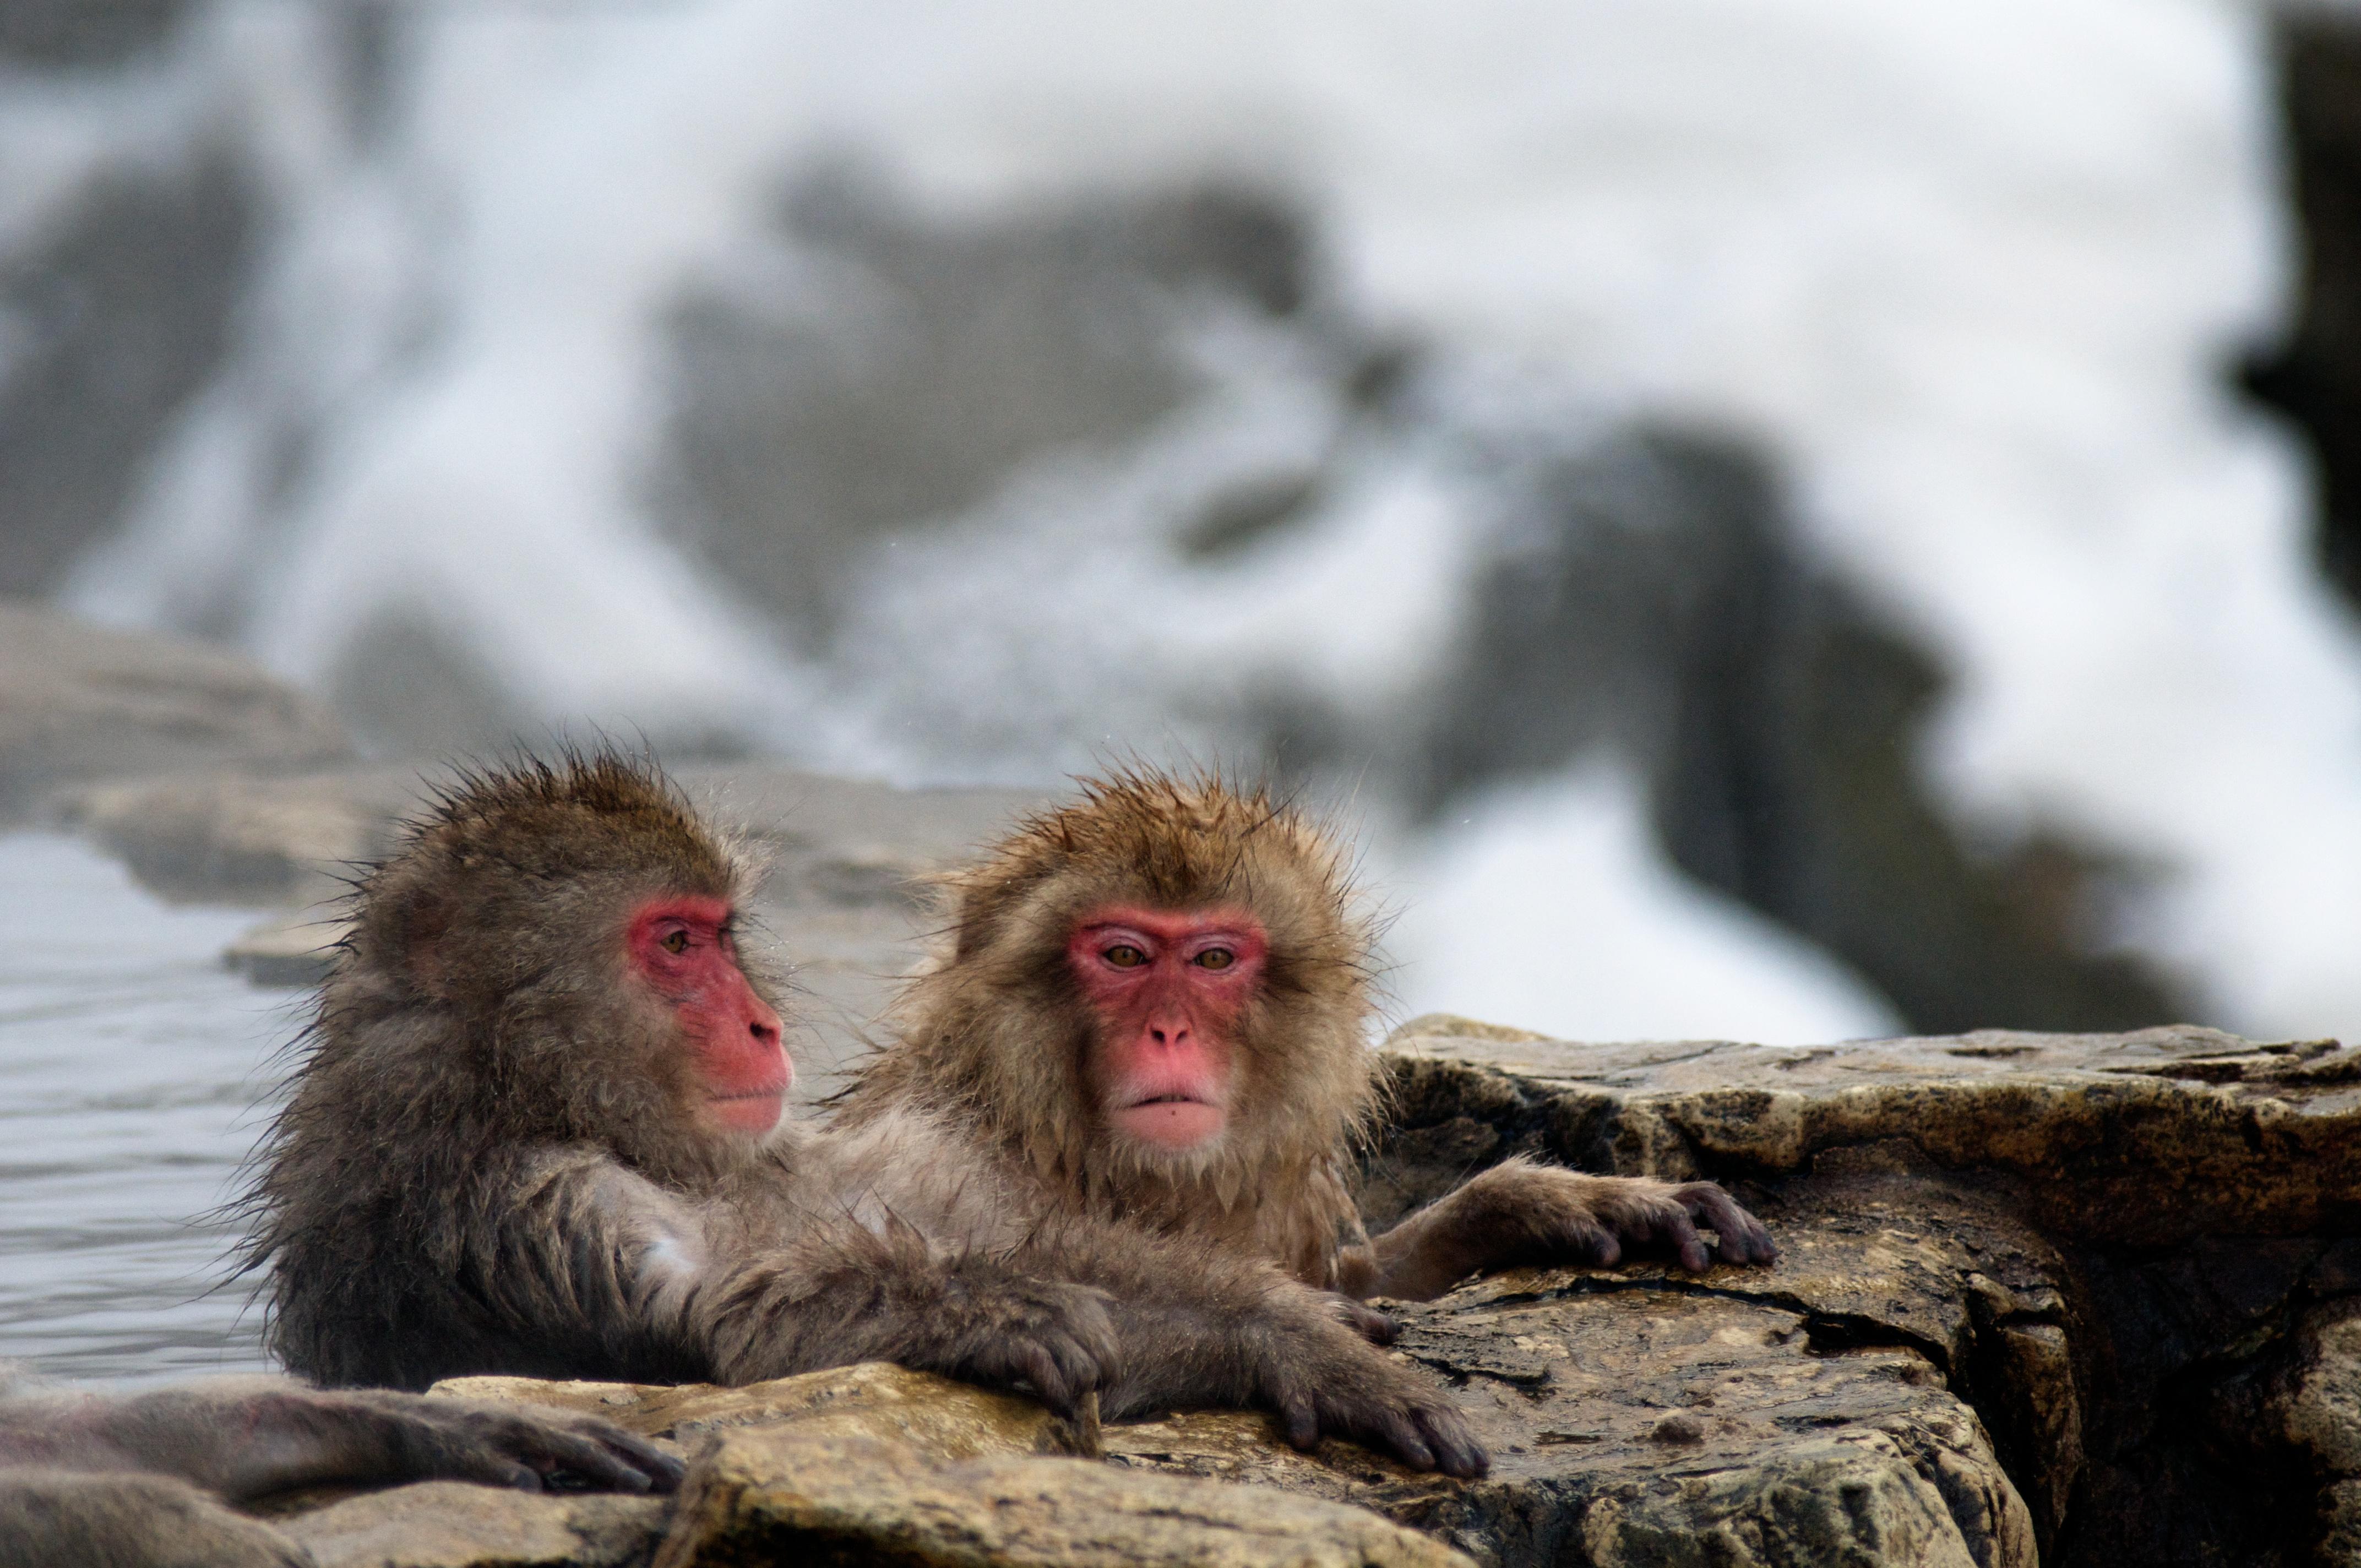 Baños Termales Japon:Descubre cómo disfrutar de los onsen japoneses o baños tradicionales